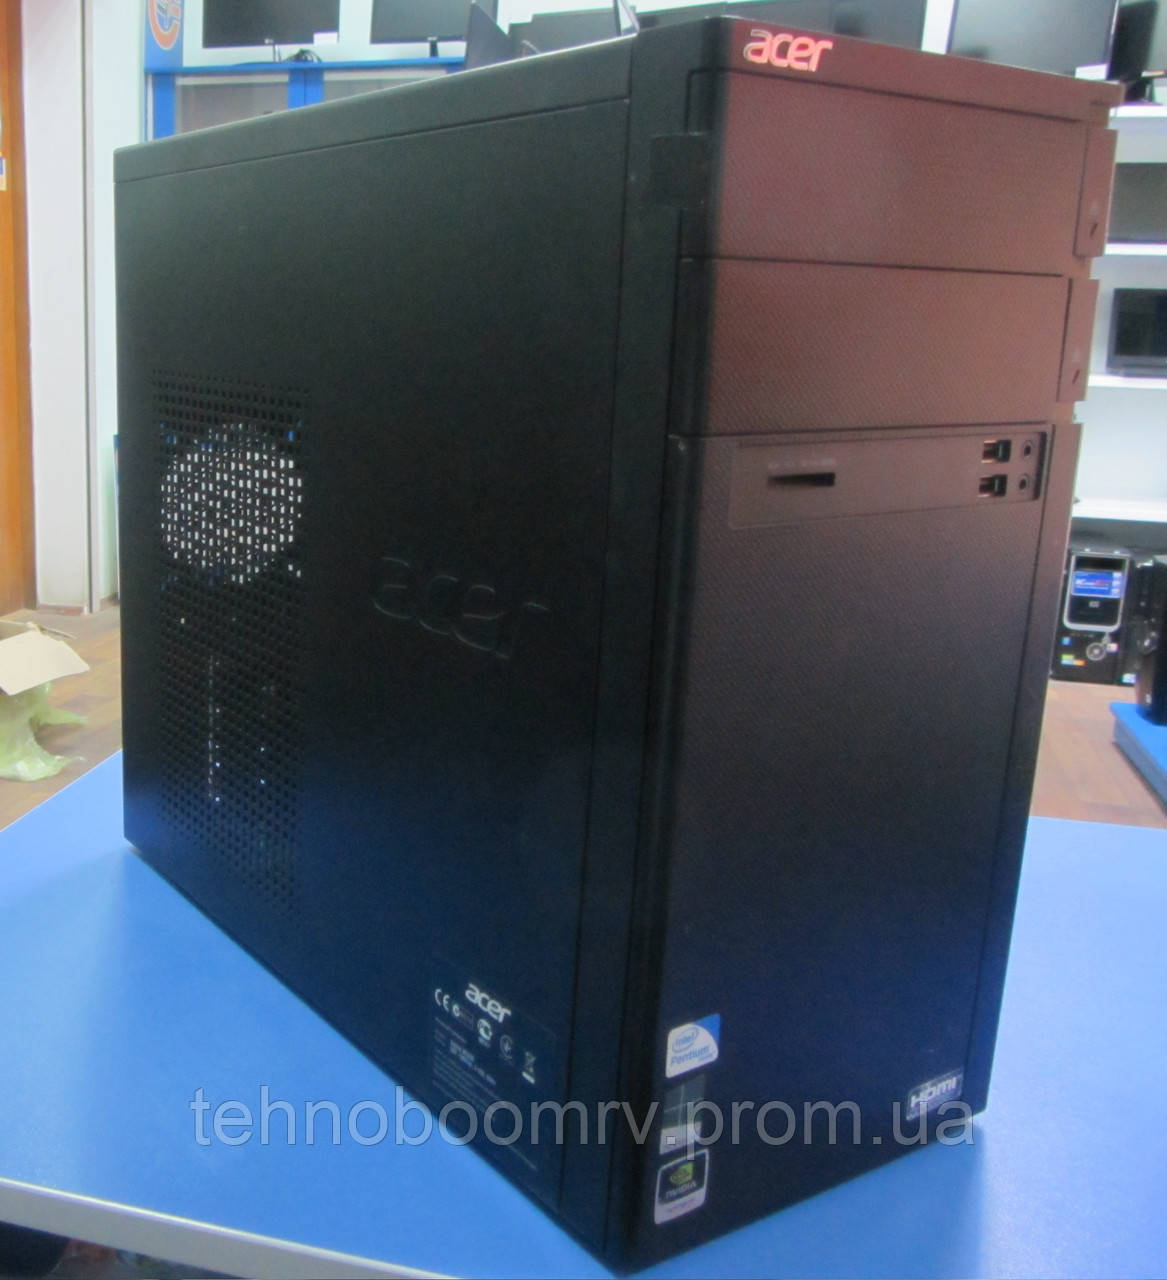 Брендовый ПК Acer - Intel Pentium G645 2.9GHz/DDR3 4GB/GT 620 2GB